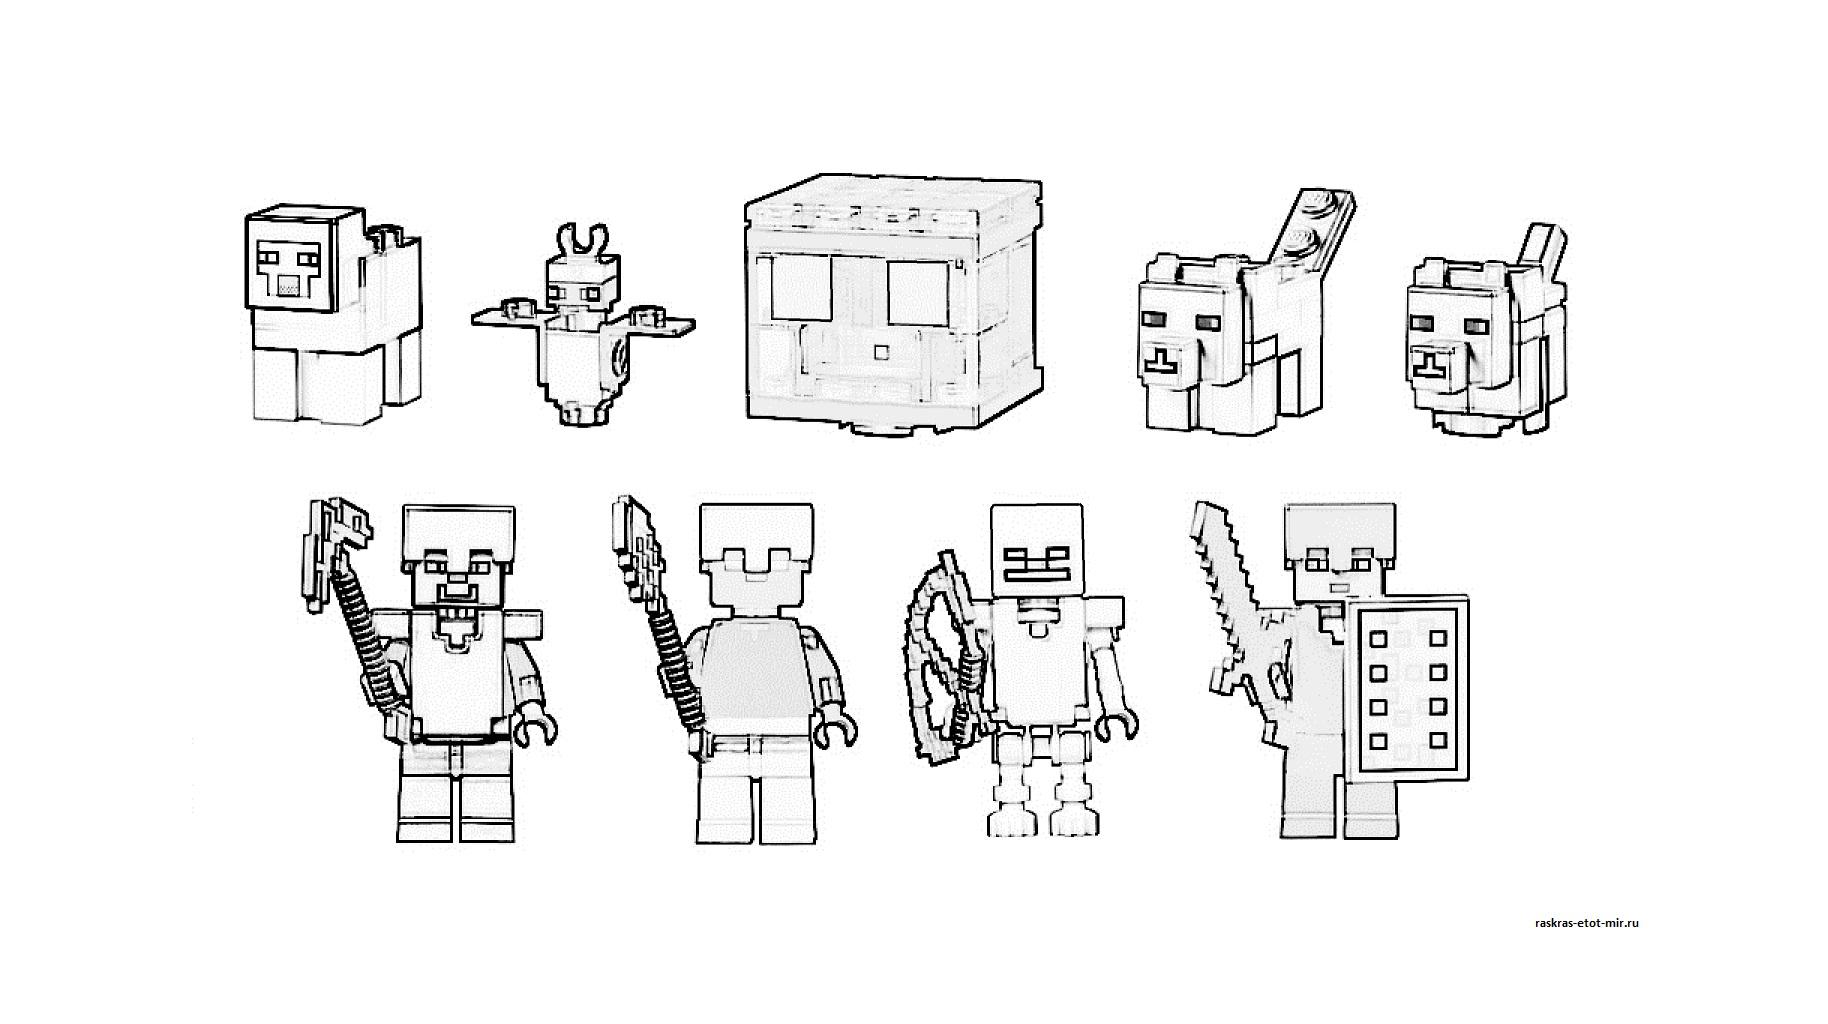 Раскраски Лего Майнкрафт - Раскрась этот мир!